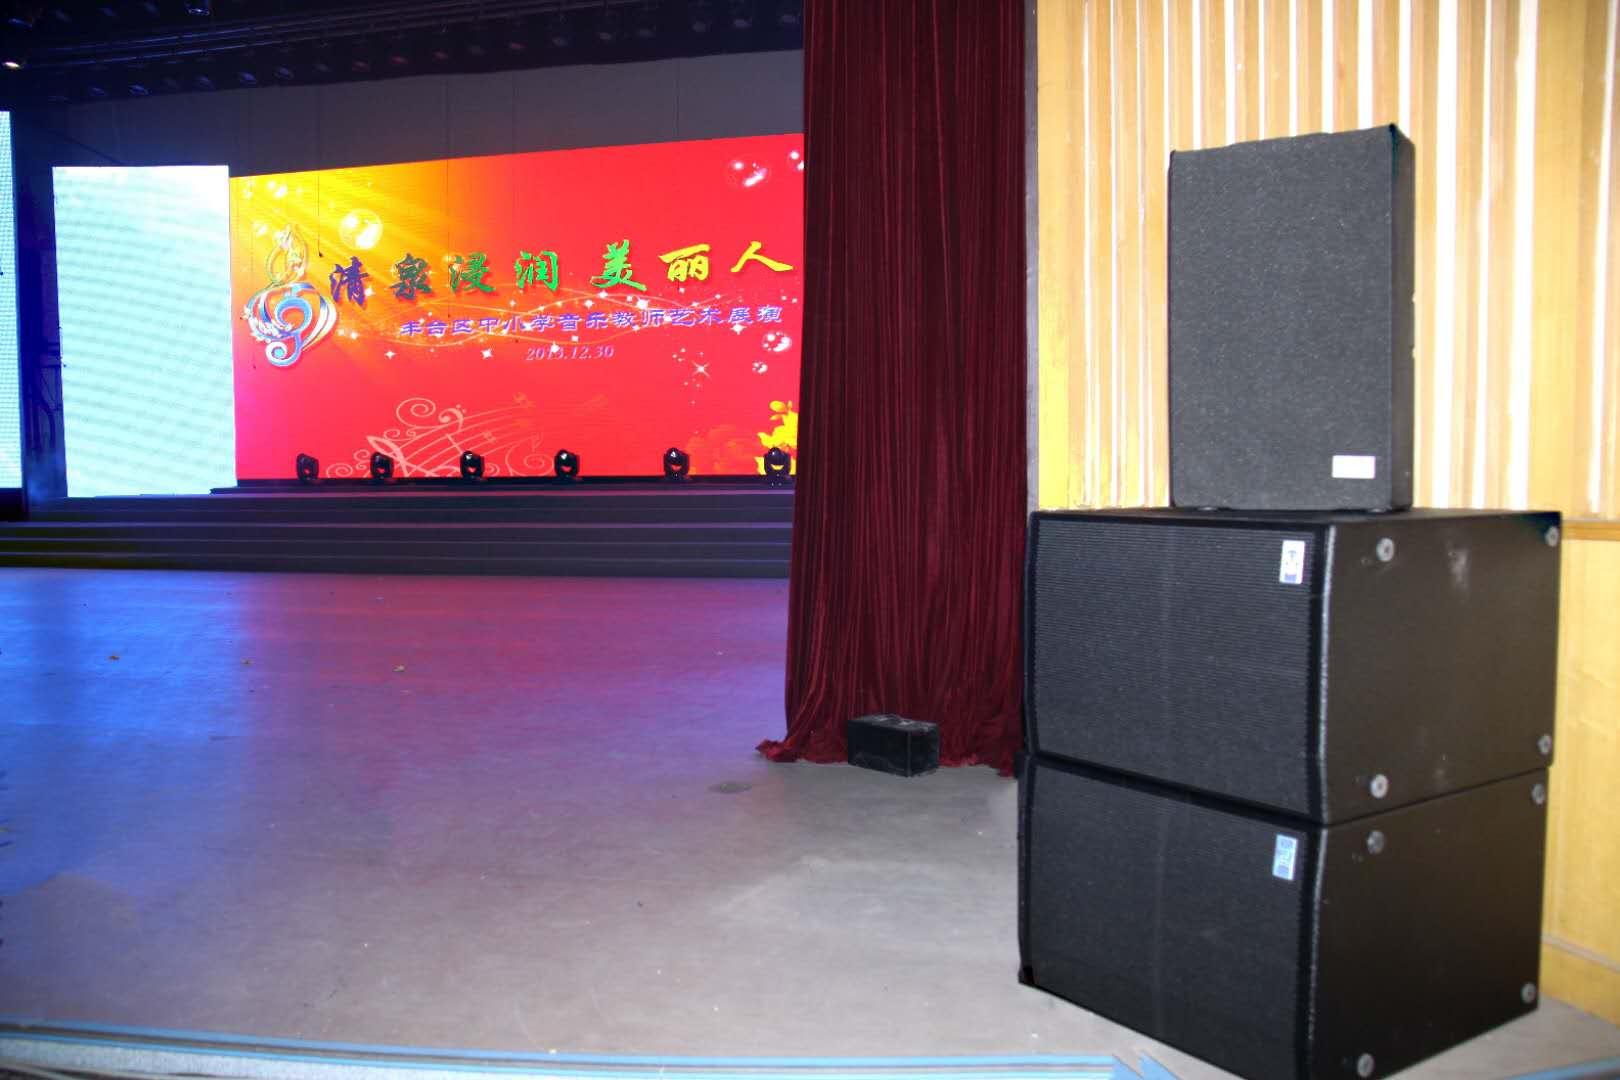 专业音响设备在舞台演出中的运用